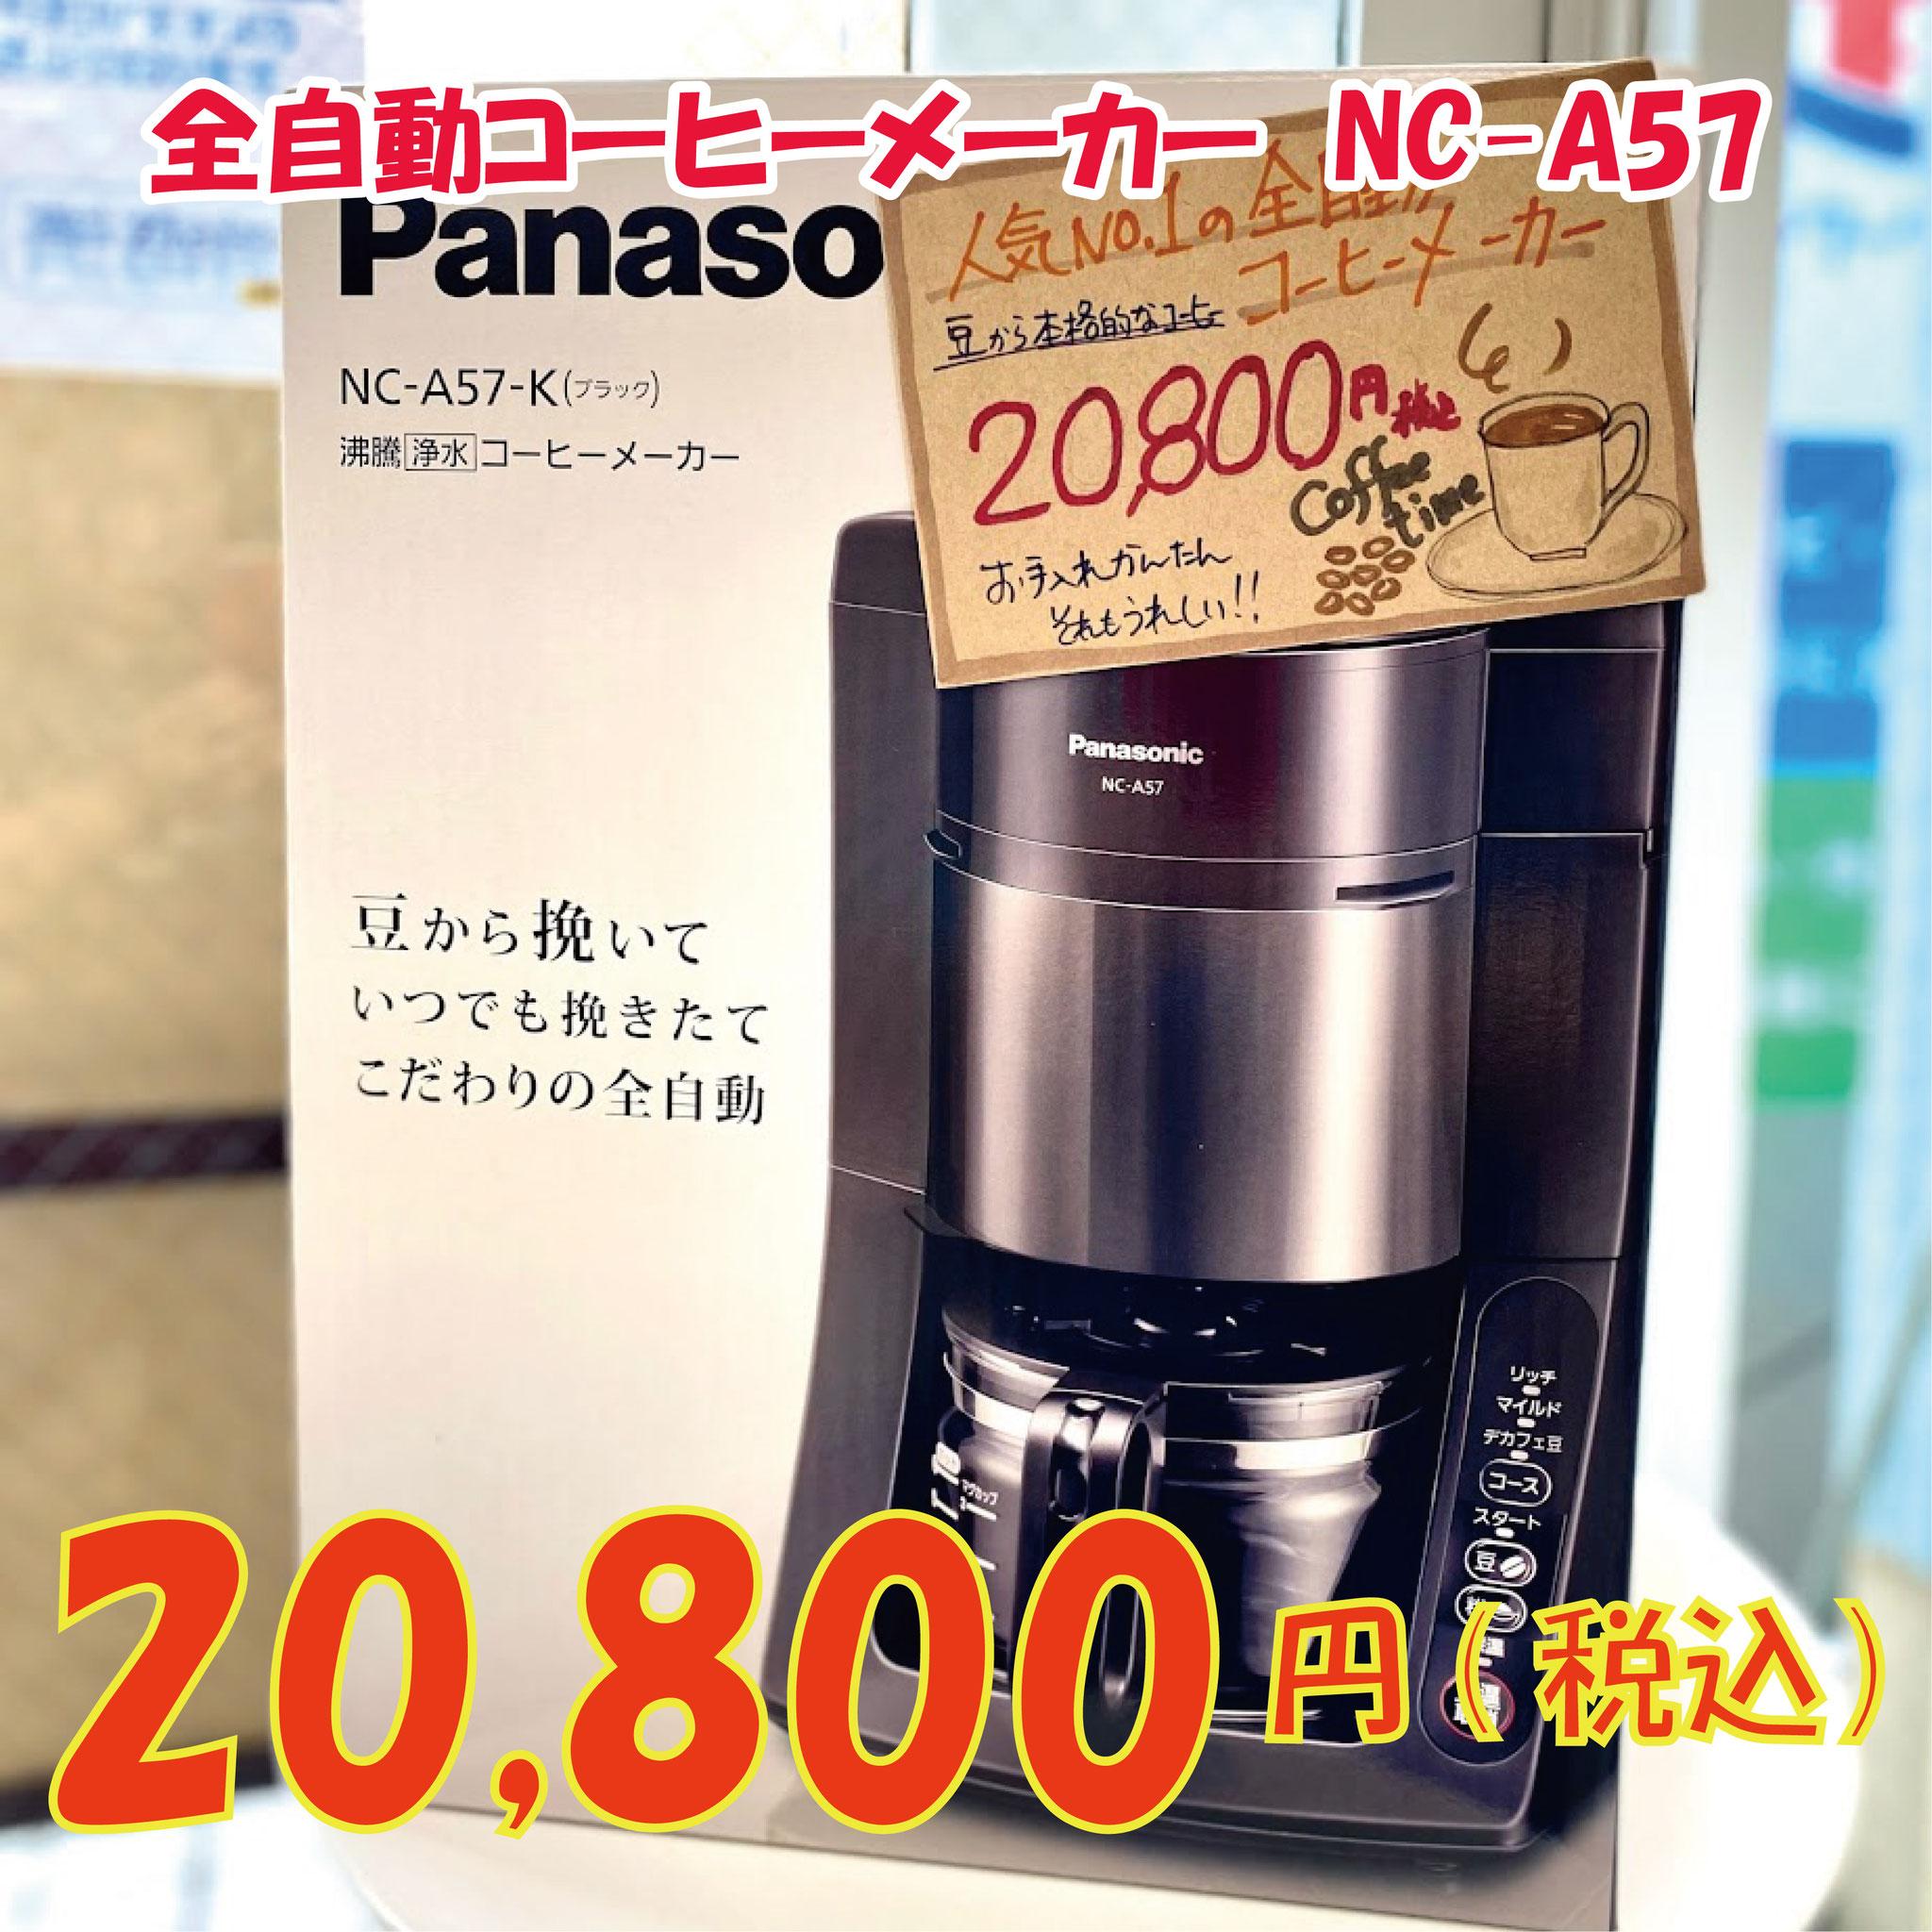 沸騰浄水全自動コーヒーメーカー NC-AC57